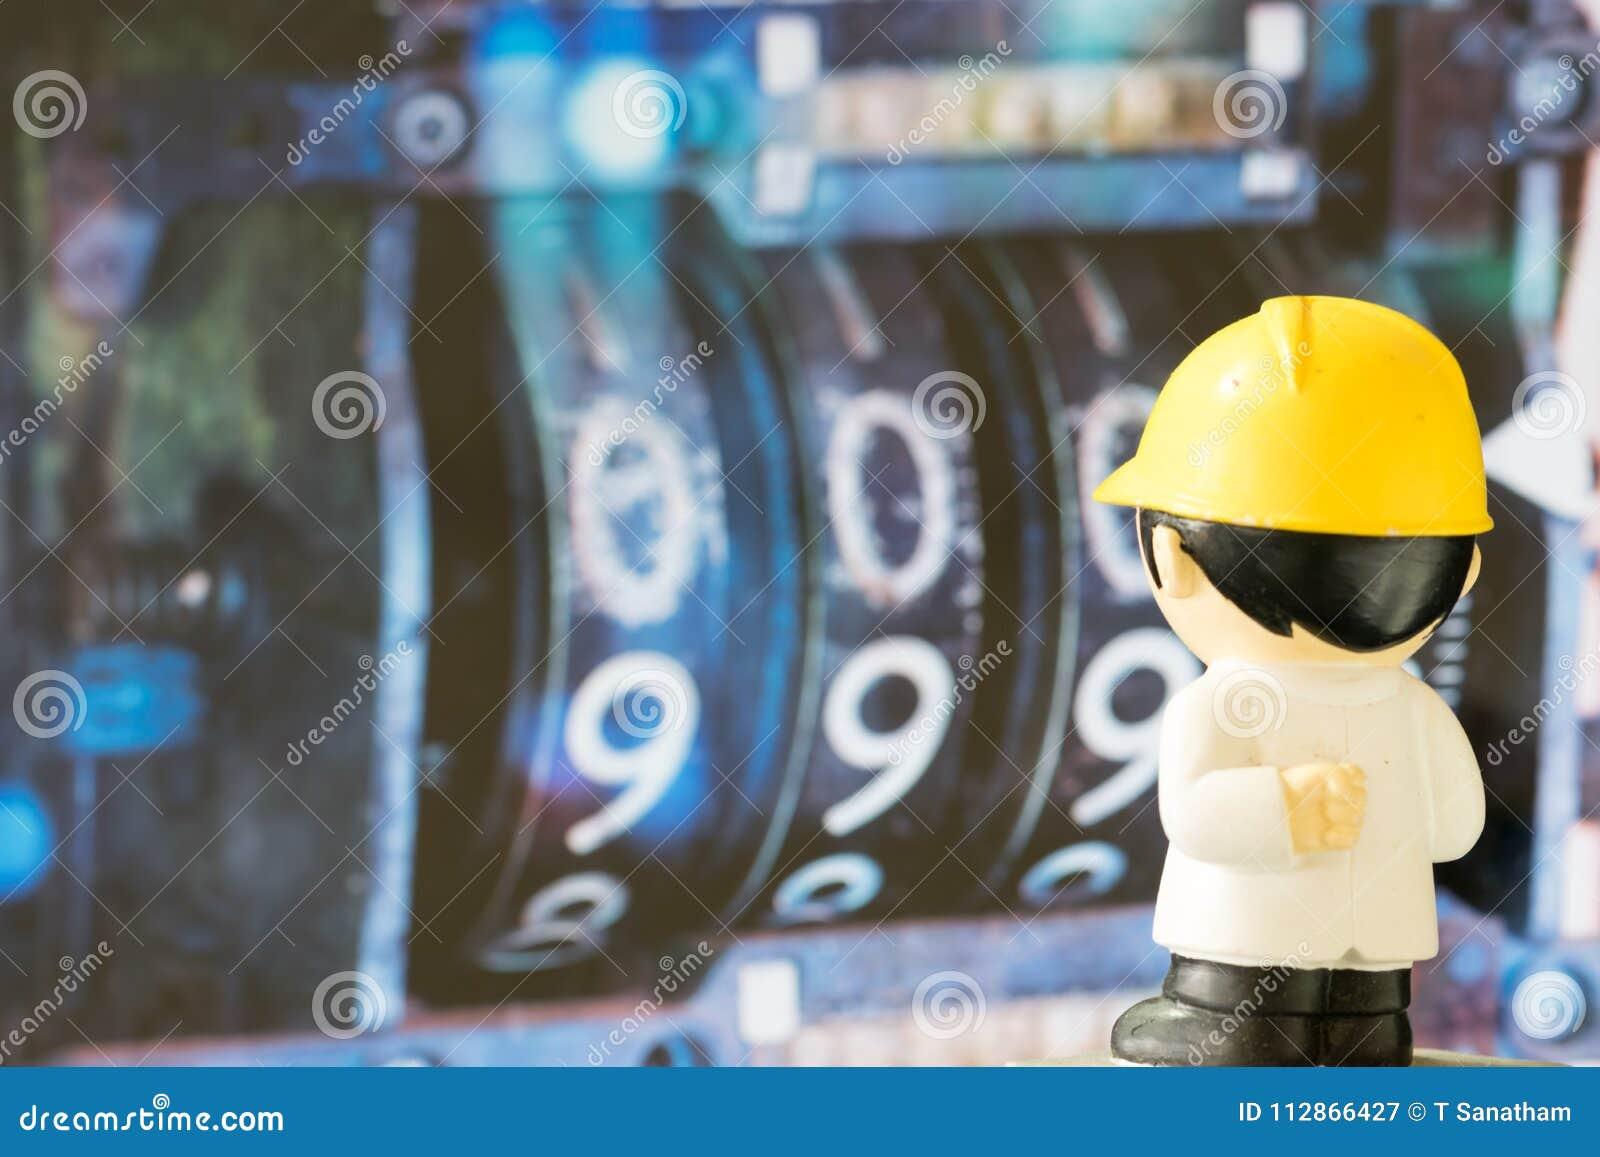 Sguardo dei personaggi dei cartoni animati di ingegneria ai numeri